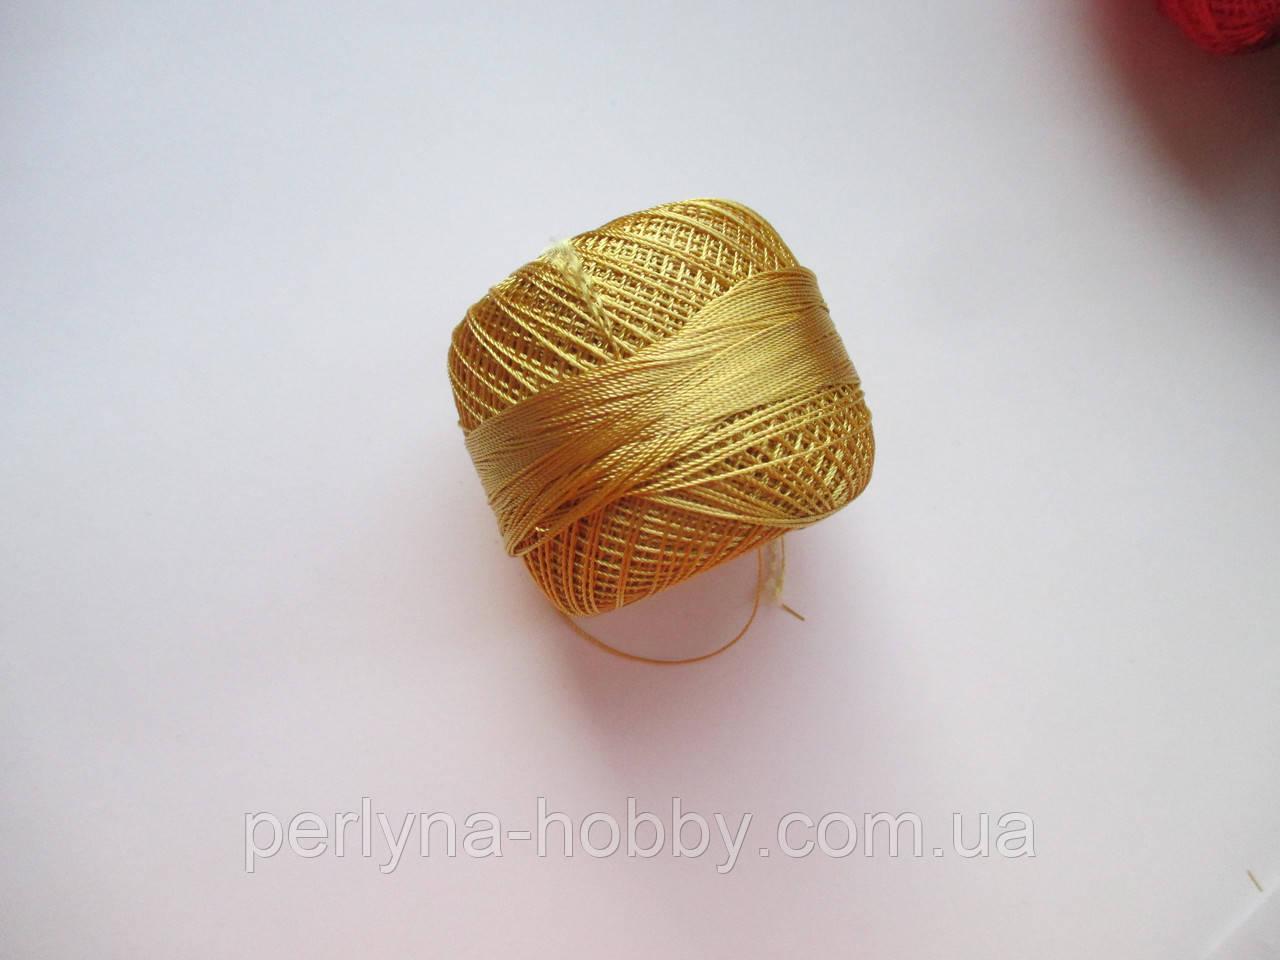 Нитки поліестер (штучний шовк) типу Ірис ( Iris )  20 грам. Золотистий